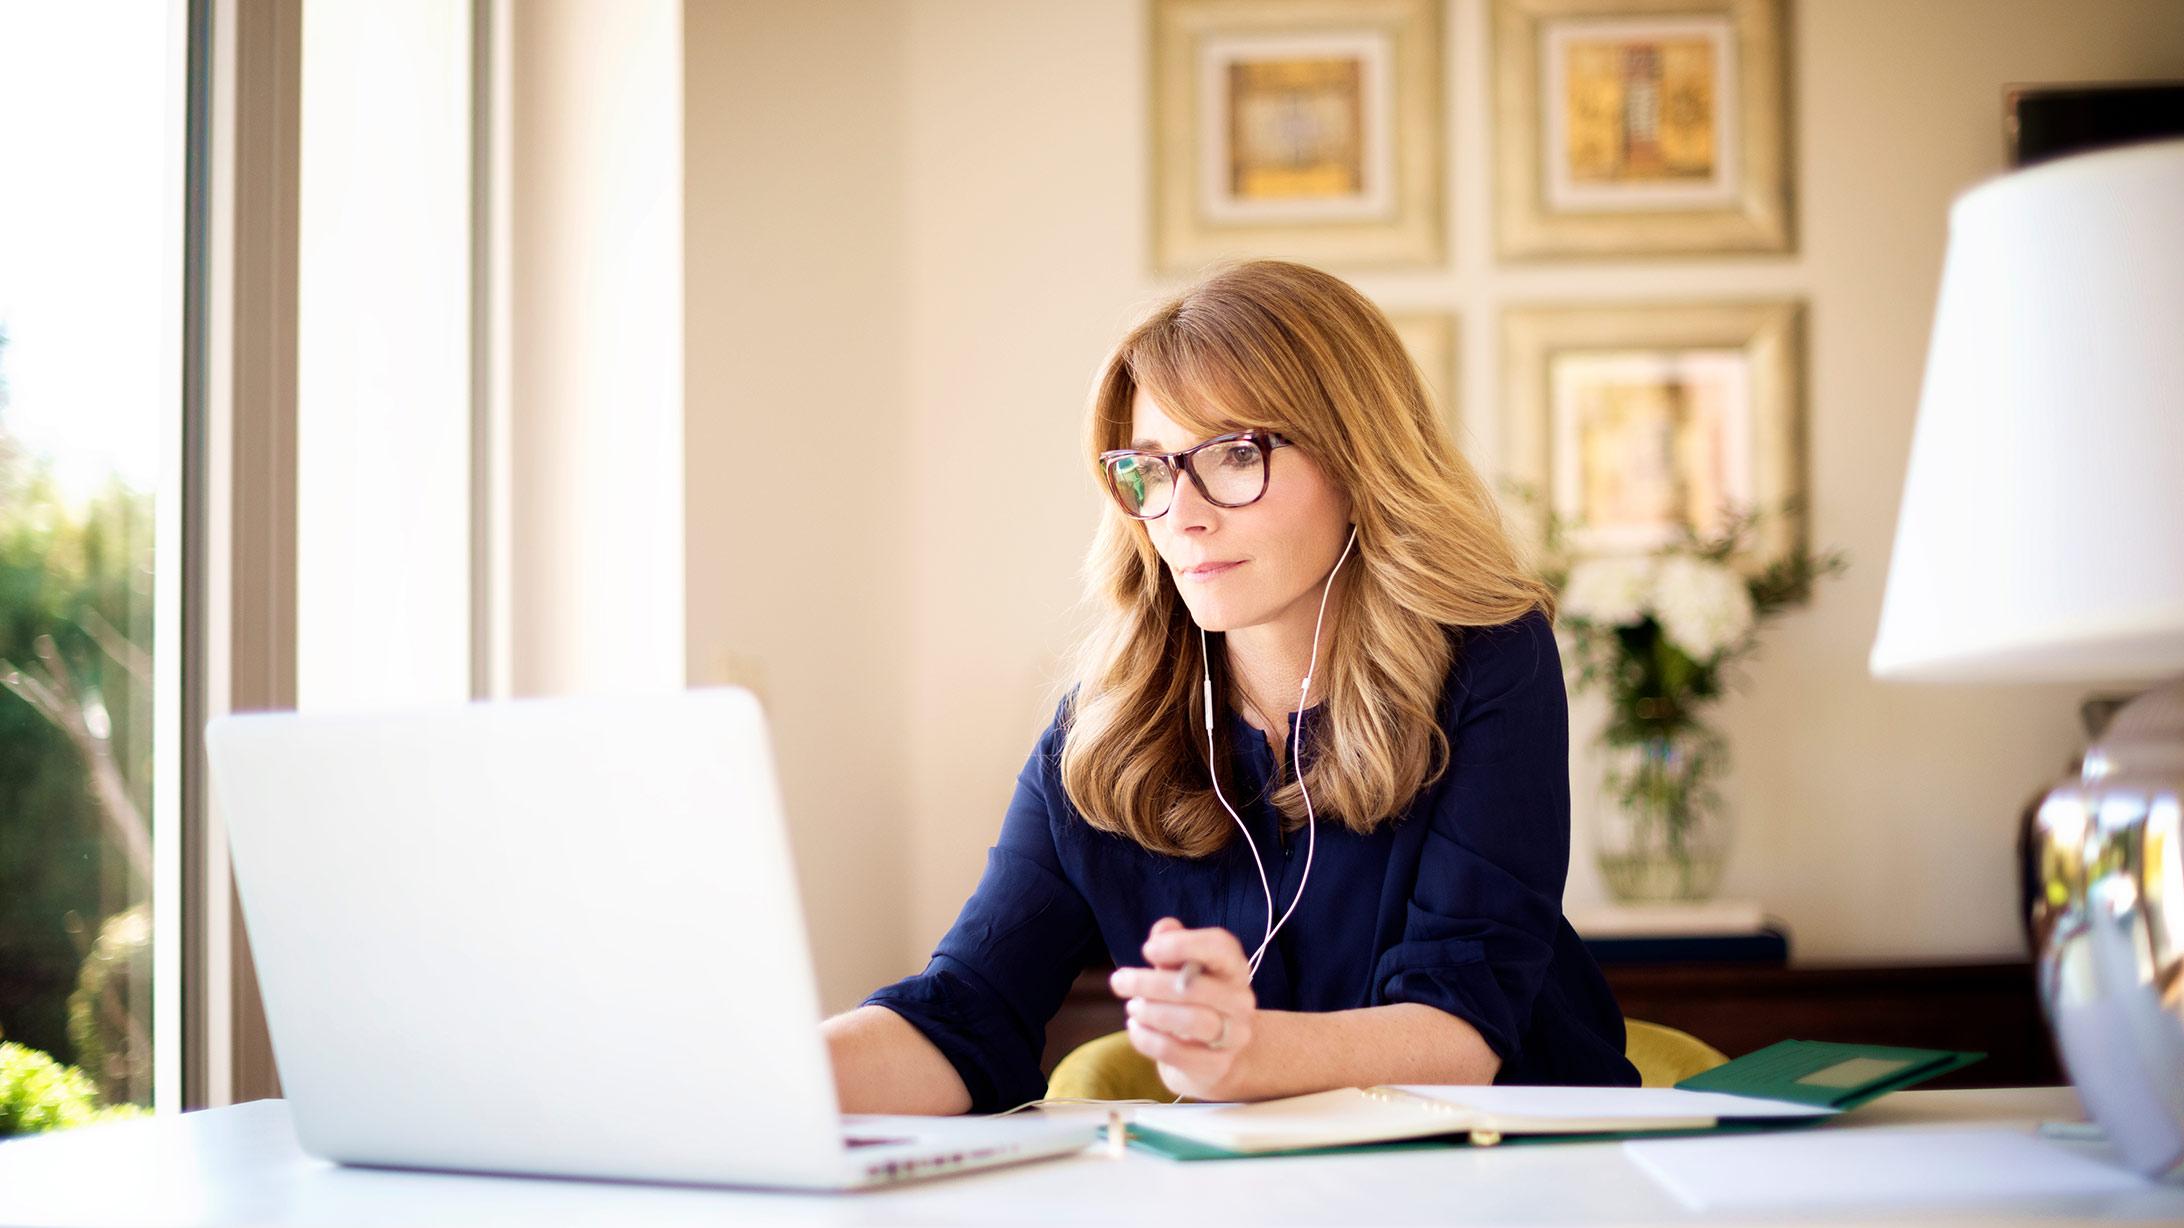 Frau sitz an einem Schreibtisch und schaut auf einen Laptop.